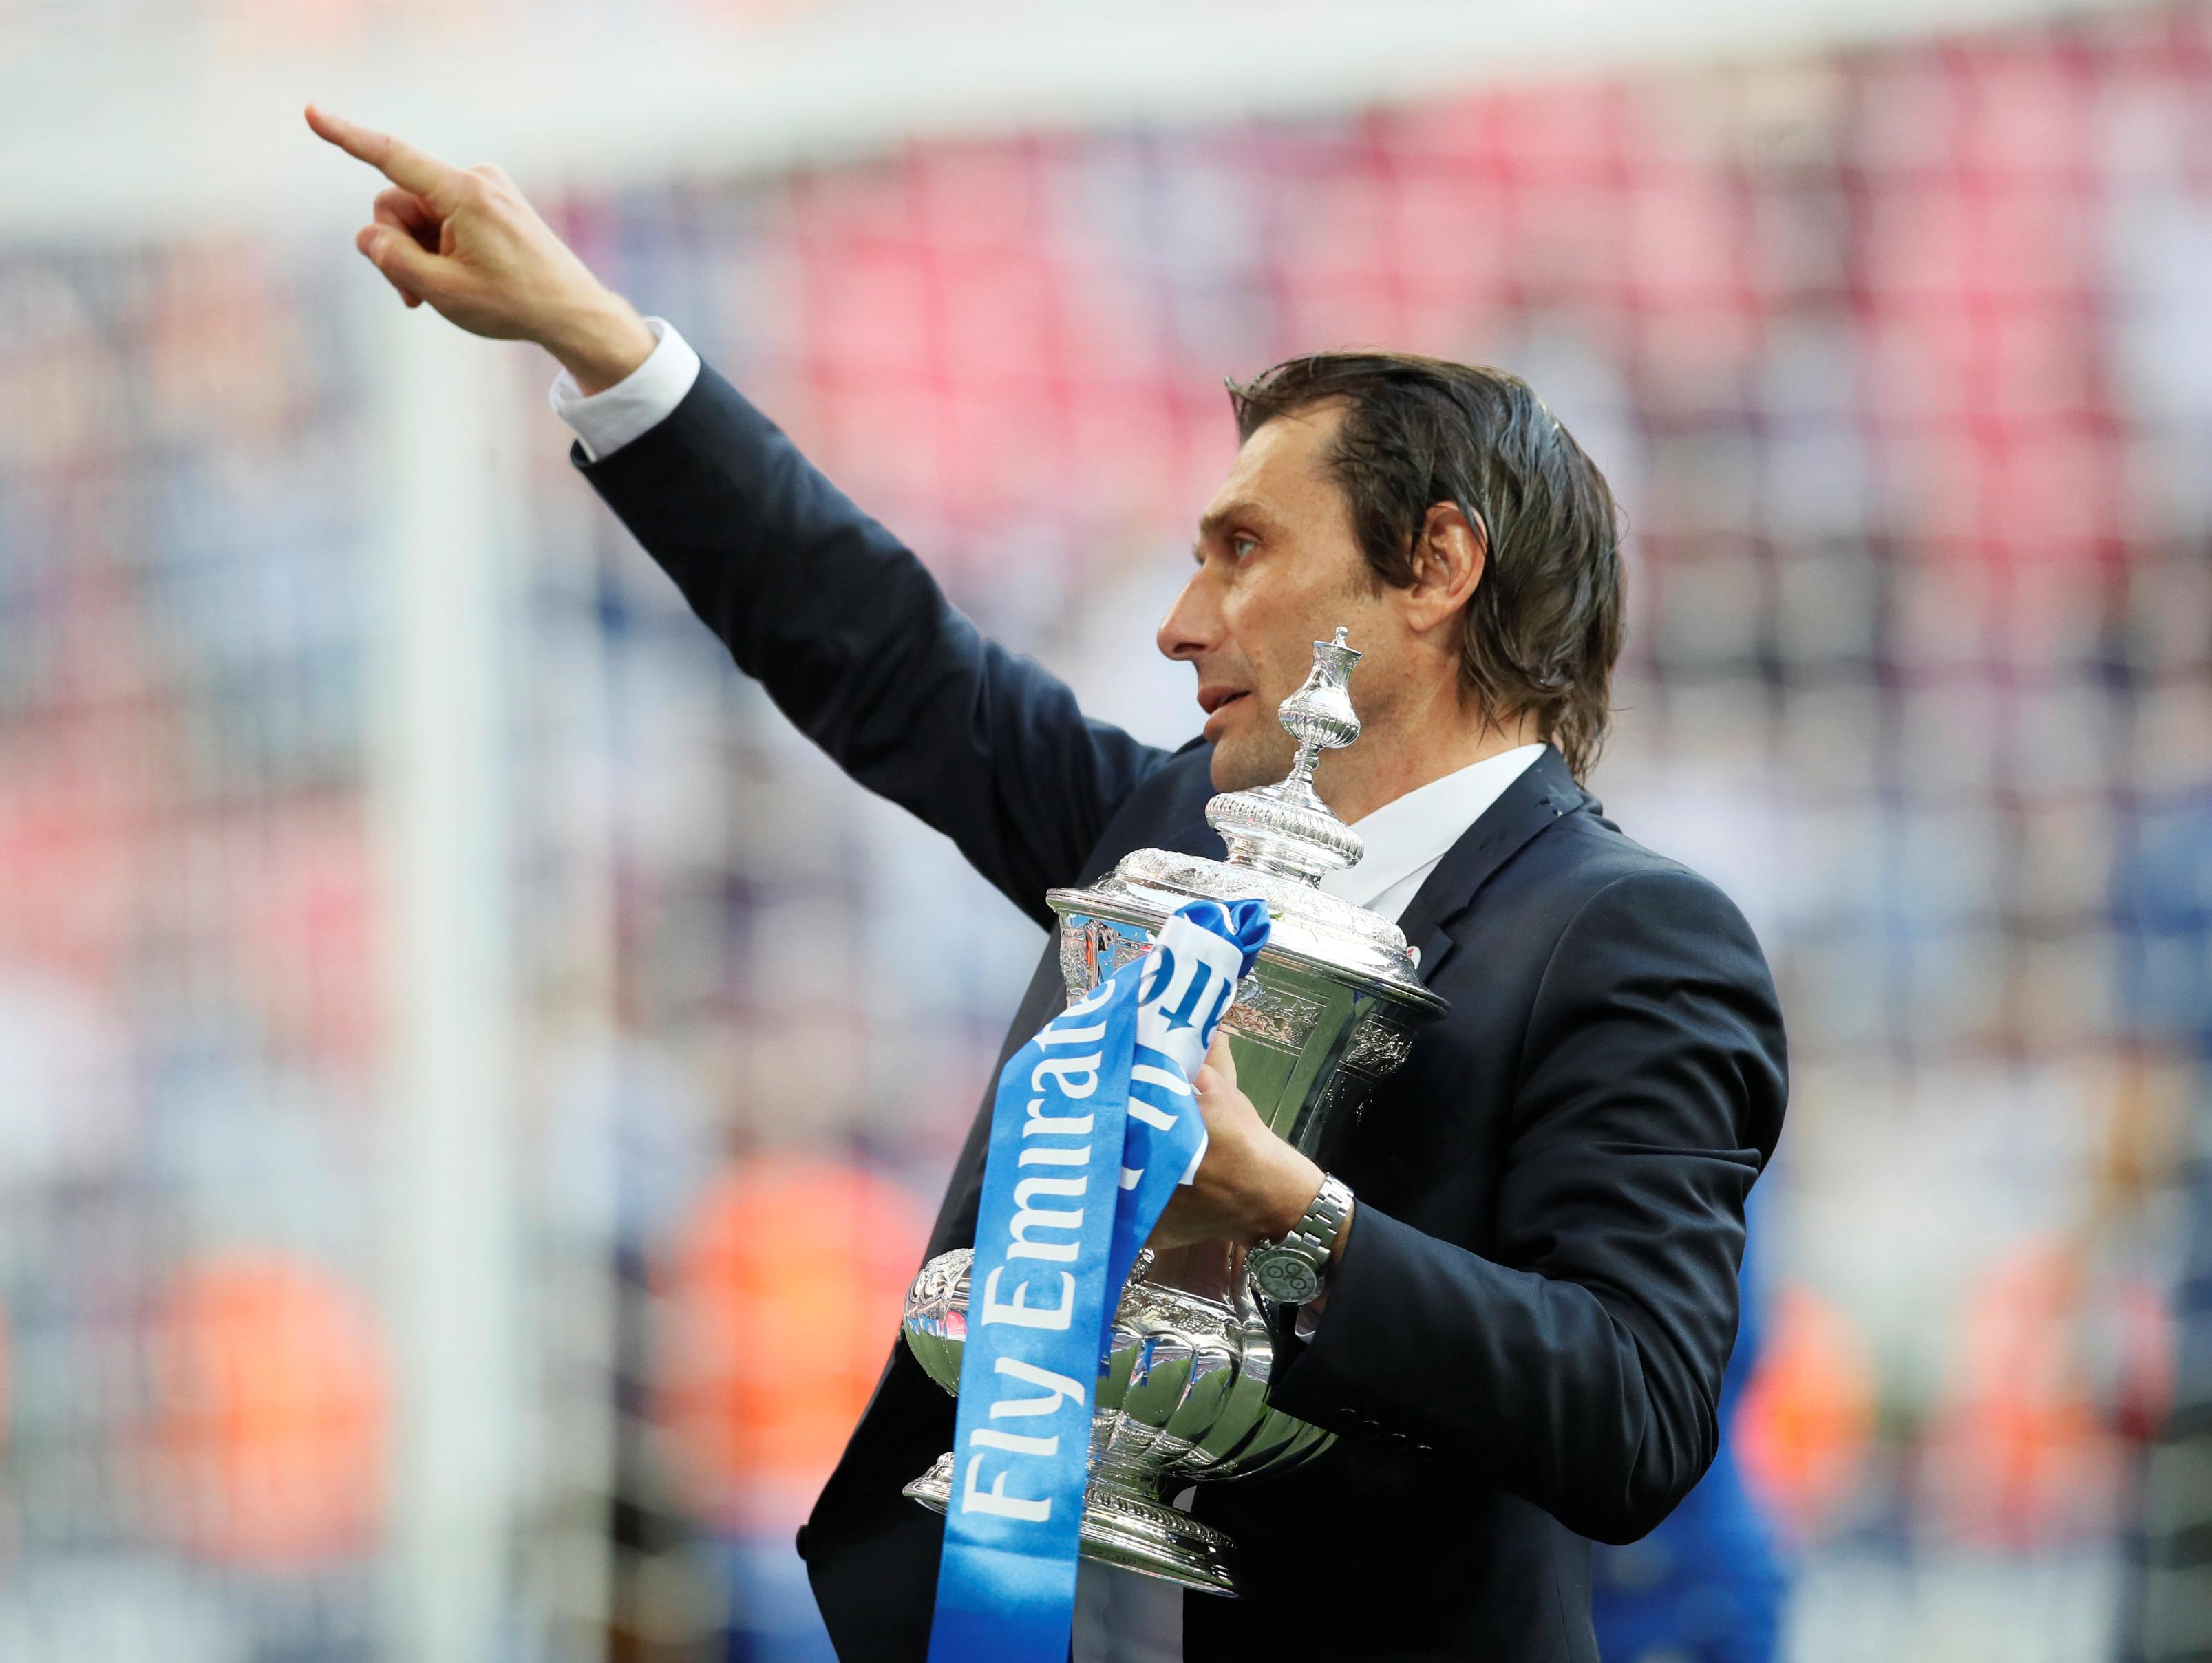 דיווח: אנטוניו קונטה יחליף את לופטגי במידה שיפוטר מריאל מדריד